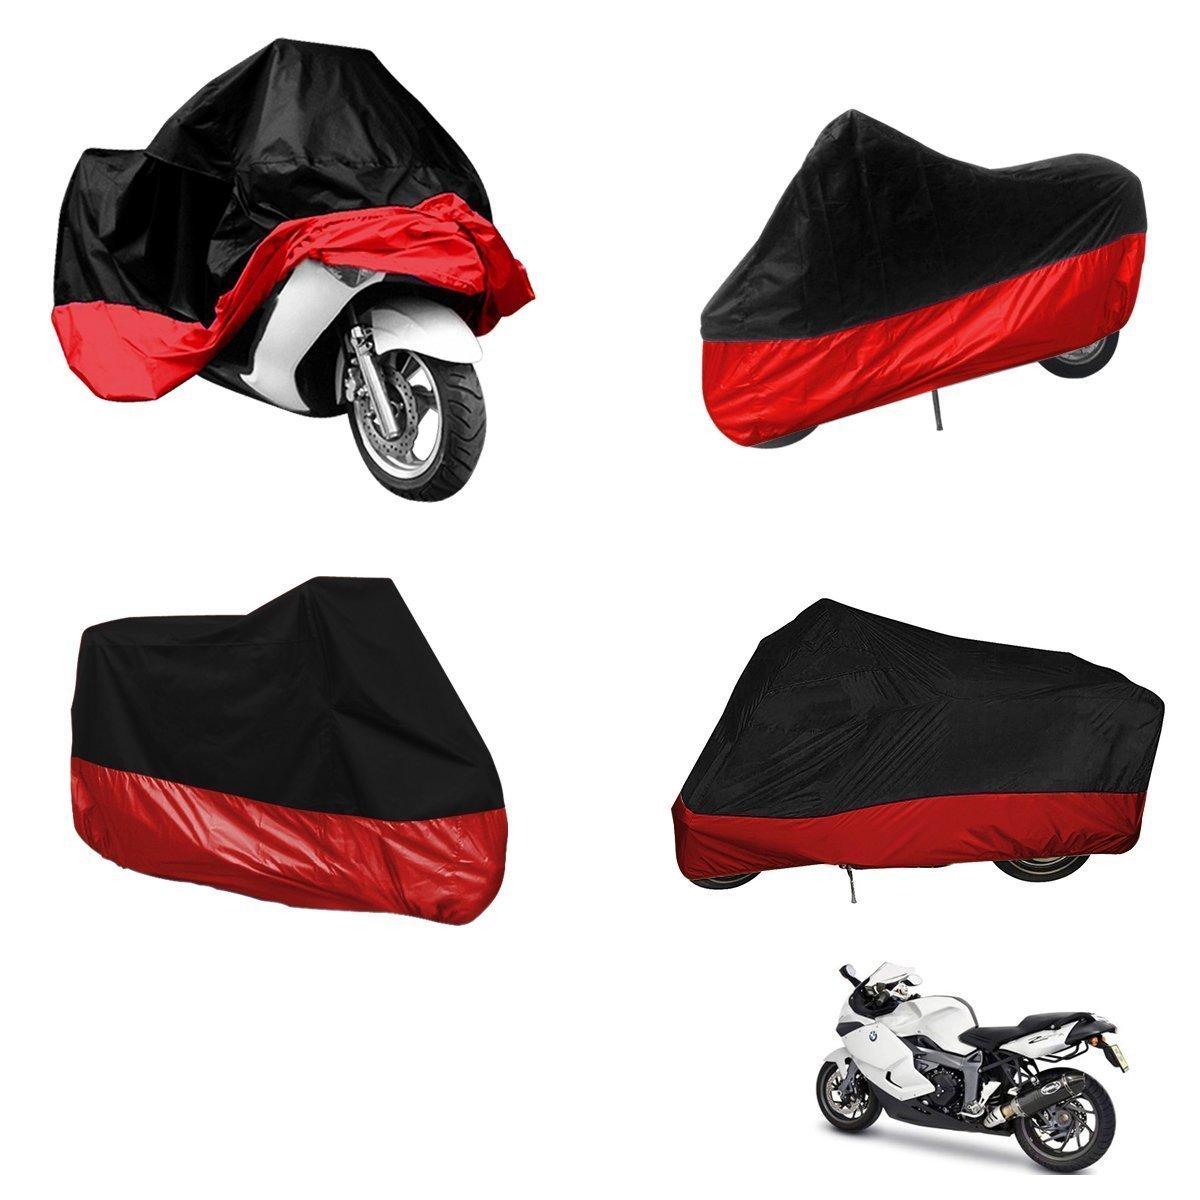 Camuffare, XL=245 * 105 * 125cm BININBOX Coprimoto Telo Motociclo Copri Scooter Impermeabile Antipolvere Anti UV Traspirante Universale